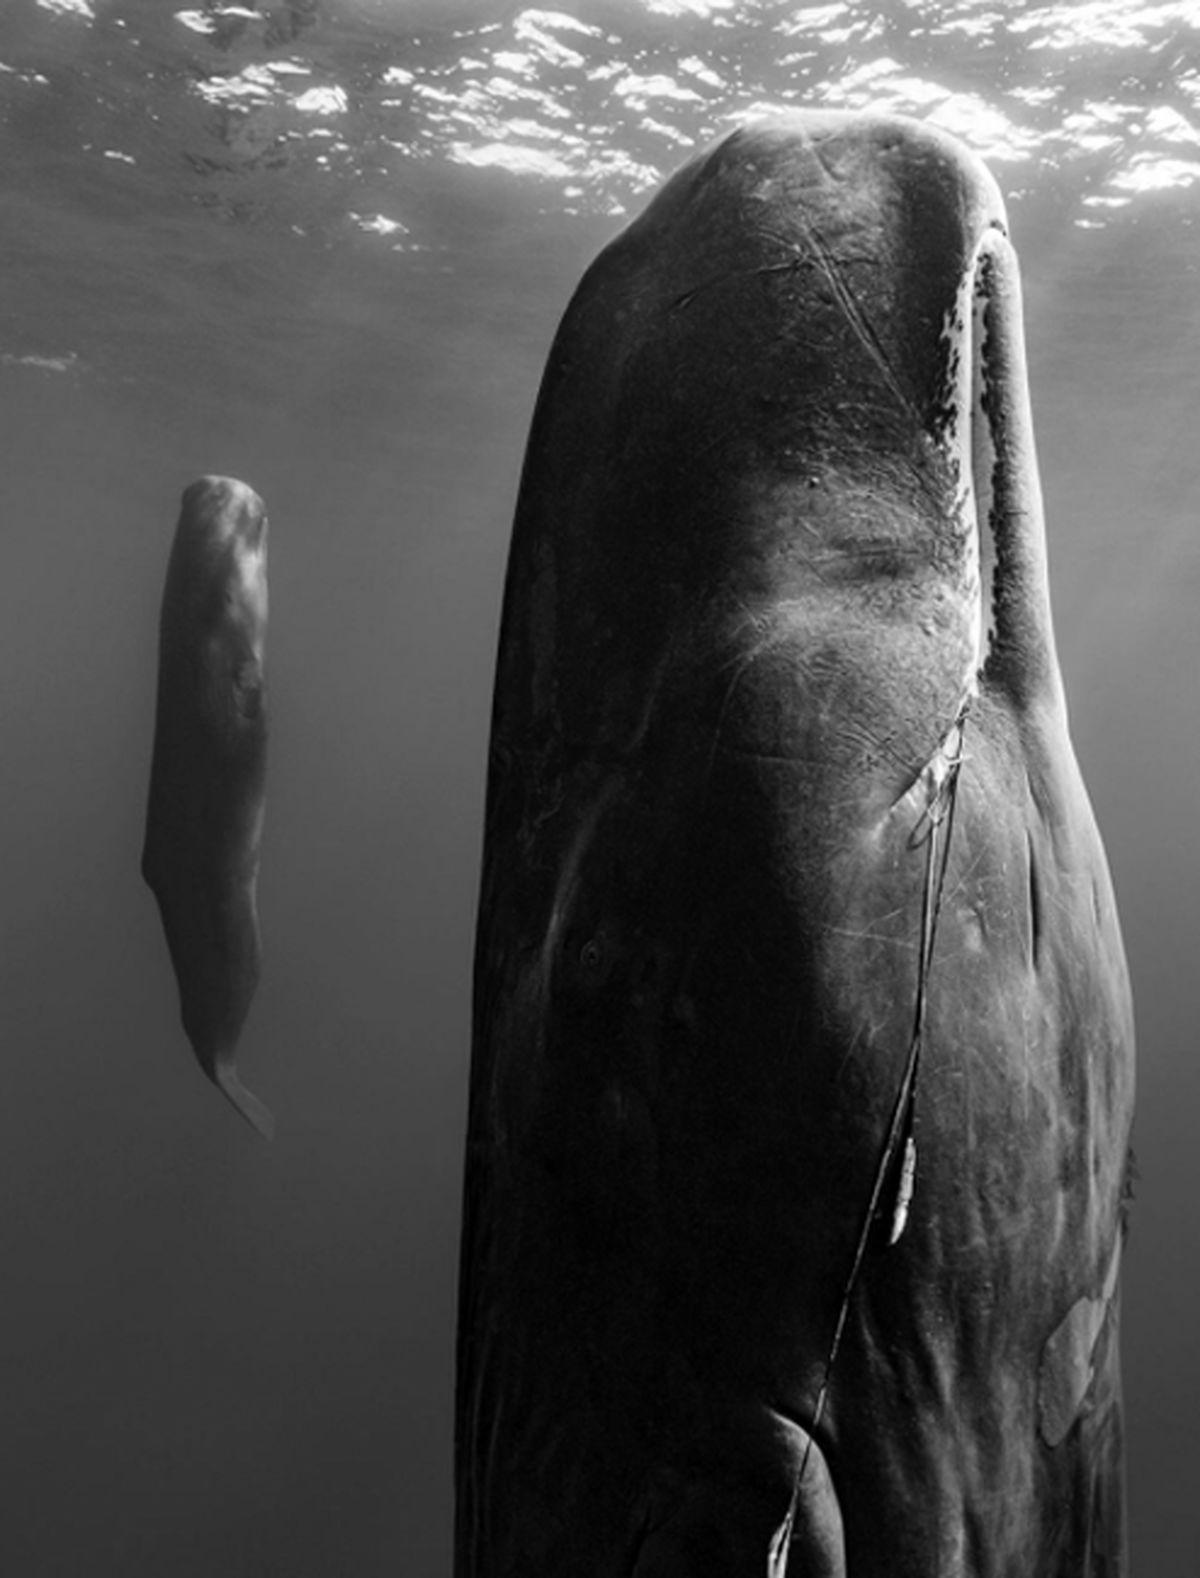 تصاویر: خواب عجیب نهنگ ها در اعماق اقیانوس